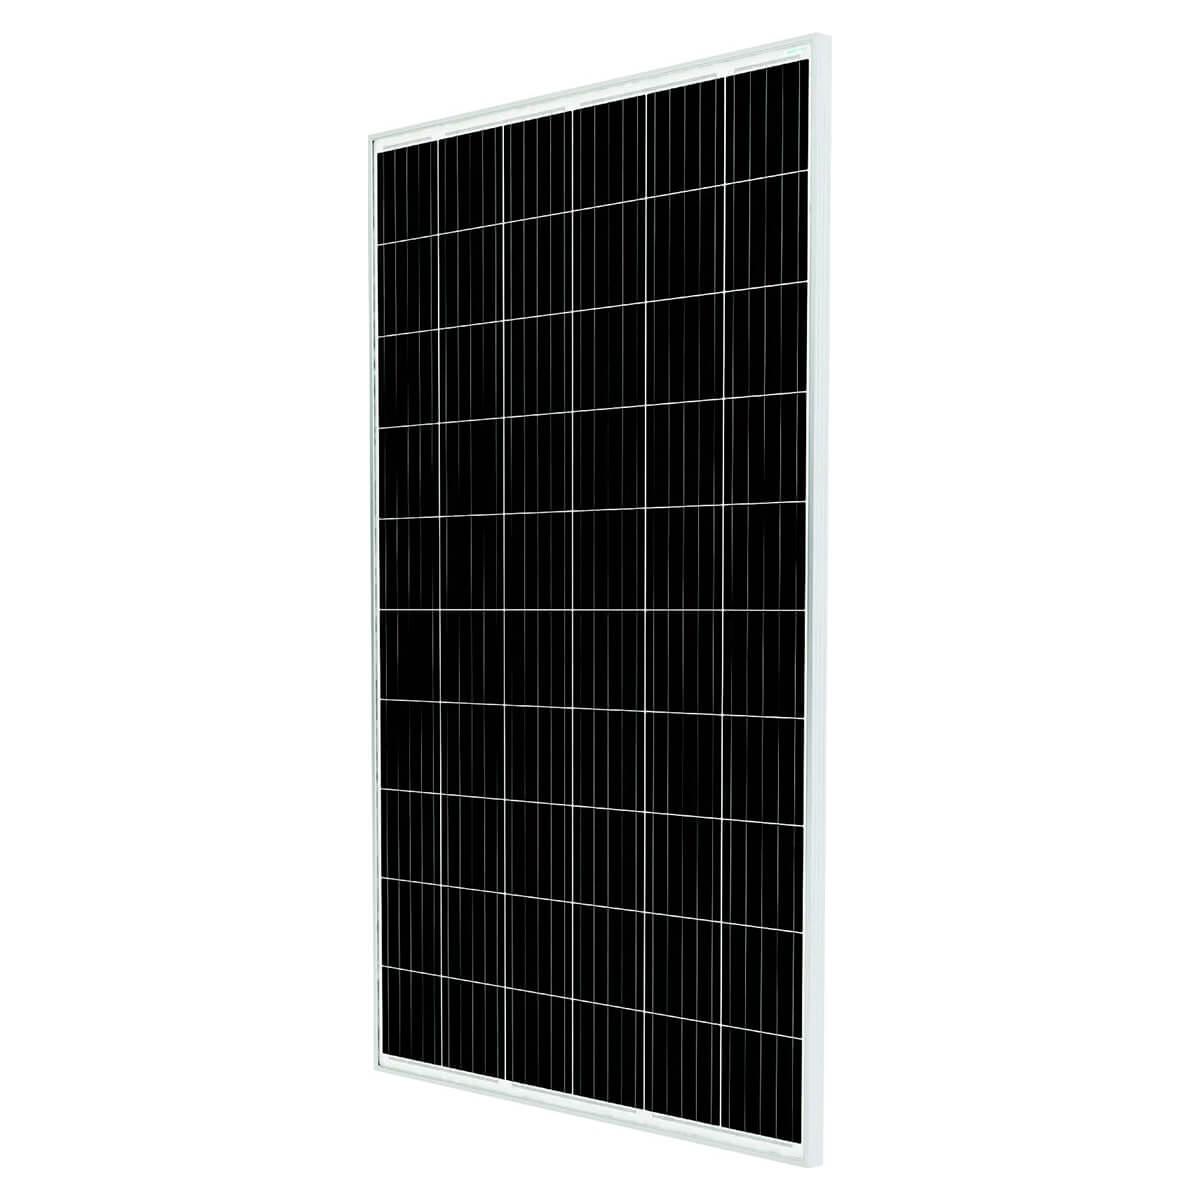 tommatech 315W panel, tommatech 315Watt panel, tommatech 315 W panel, tommatech 315 Watt panel, tommatech 315 Watt monokristal panel, tommatech 315 W watt gunes paneli, tommatech 315 W watt monokristal gunes paneli, tommatech 315 W Watt fotovoltaik monokristal solar panel, tommatech 315W monokristal gunes enerjisi, tommatech TT315-60PM-315W panel, TOMMATECH 315 WATT